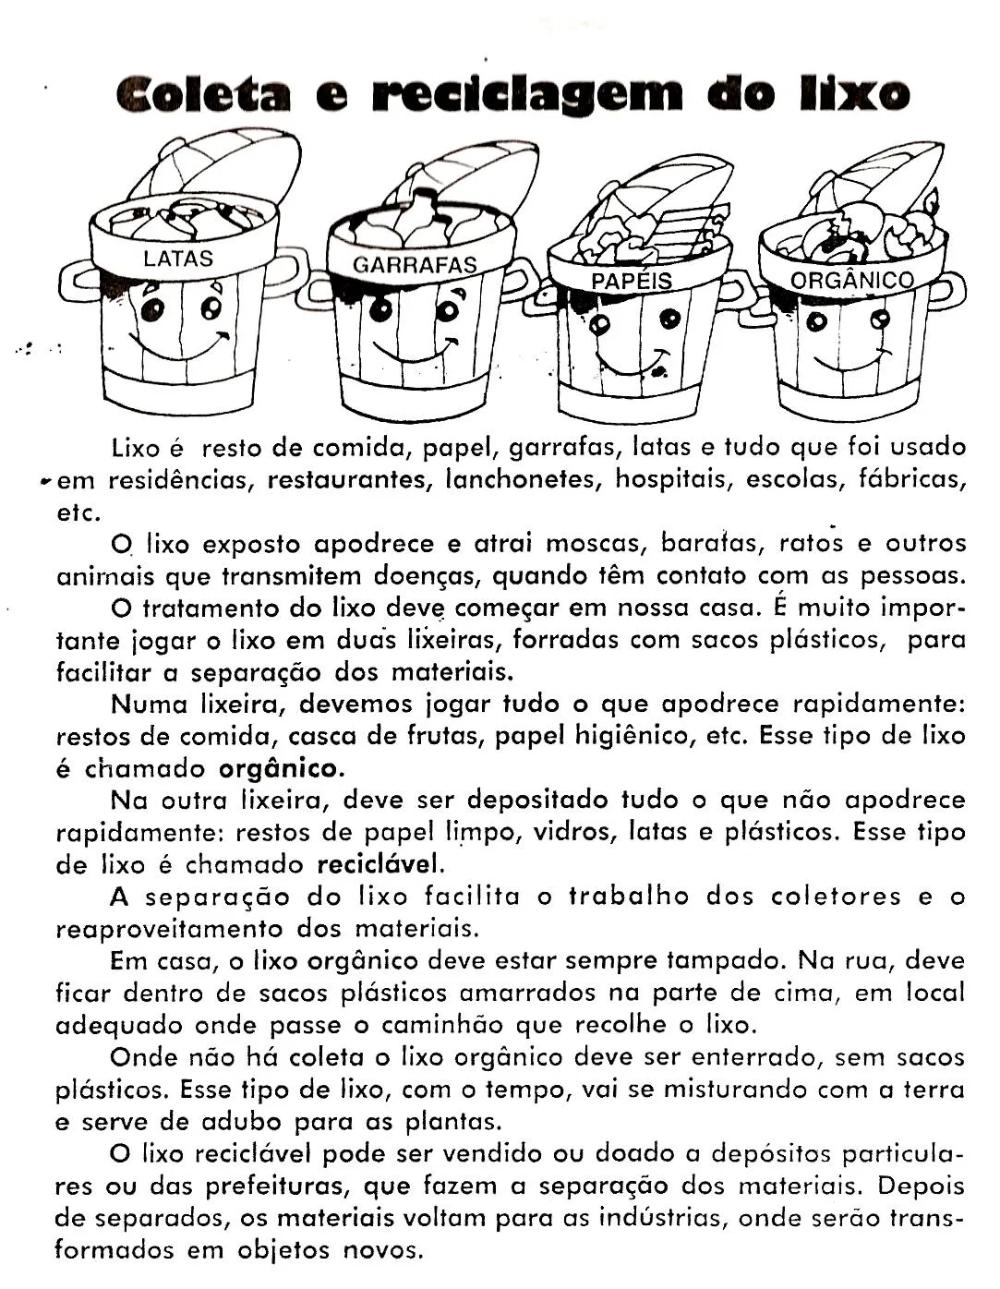 40 Atividades Sobre Reciclagem Do Lixo Para Imprimir Atividades